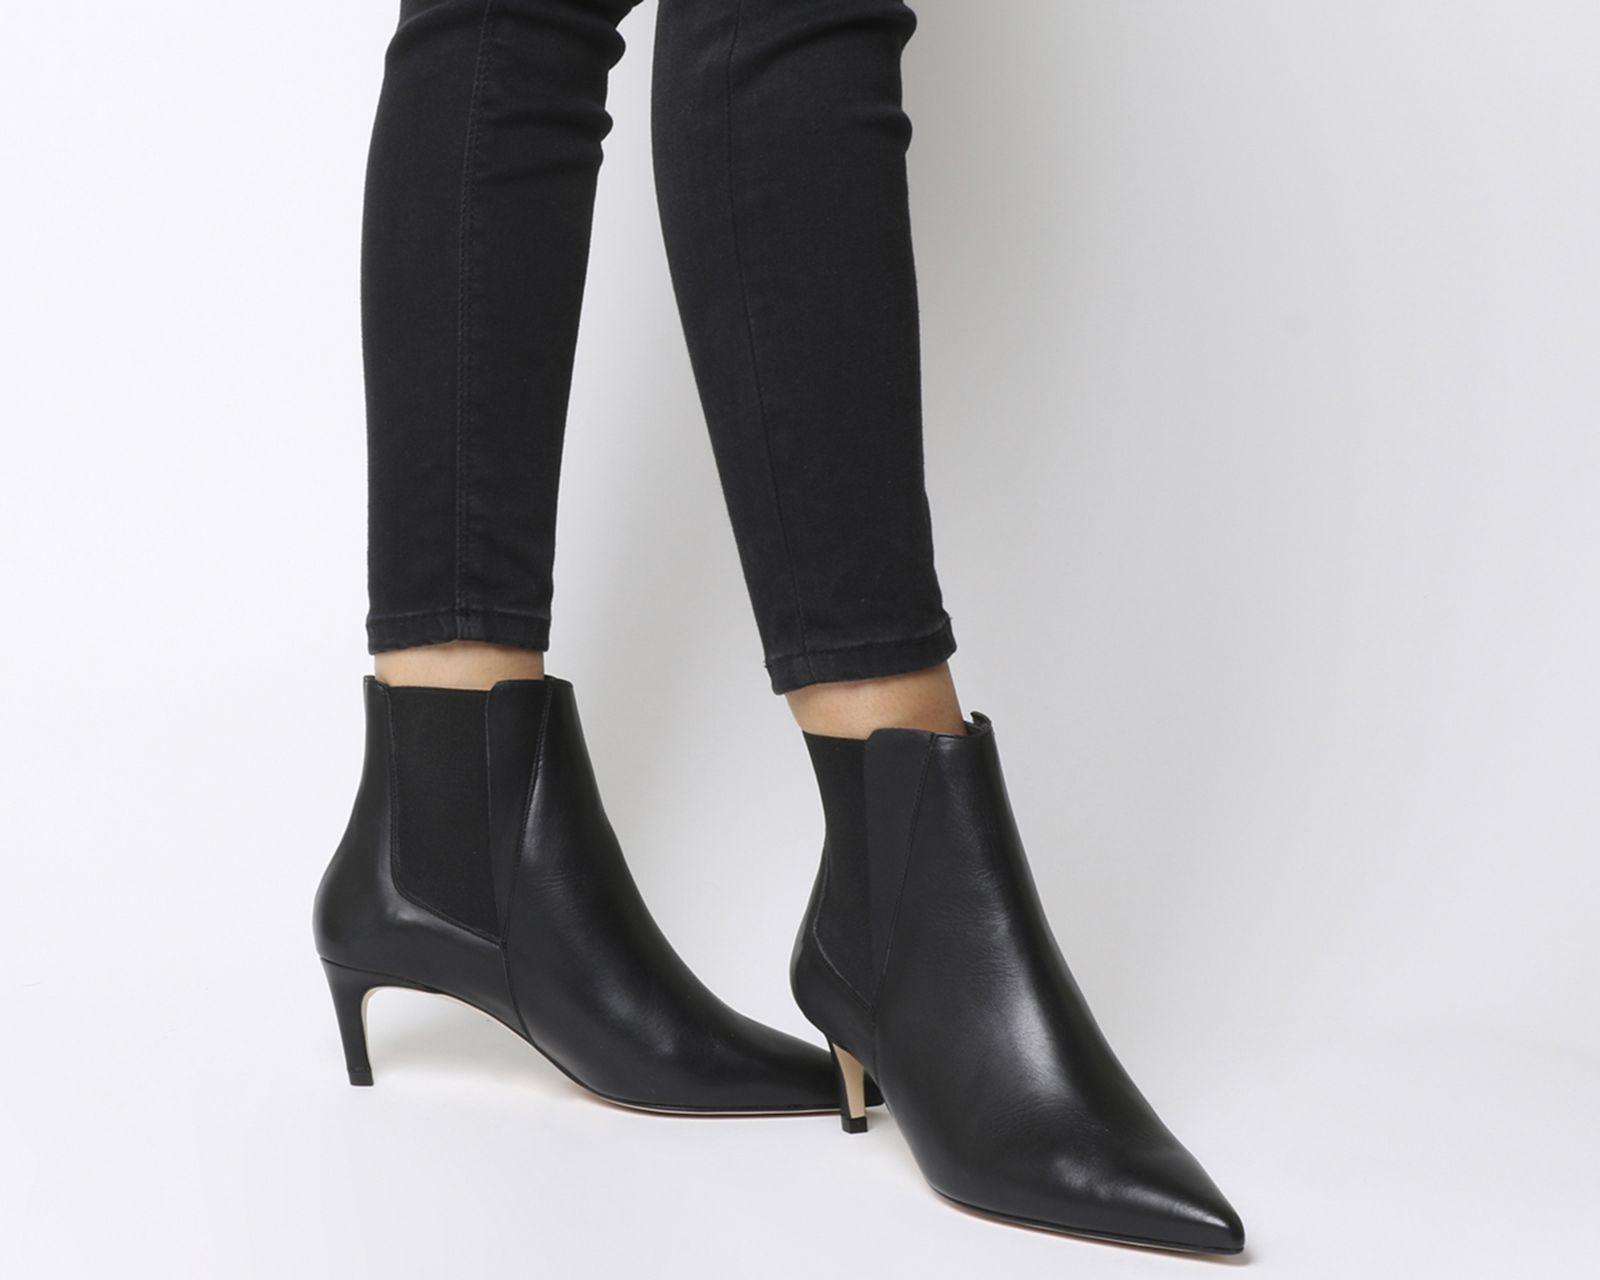 Office Attire Kitten Heel Chelsea Boots Black Leather Ankle Boots Kitten Heel Boots Kitten Heel Ankle Boots Boots Outfit Ankle